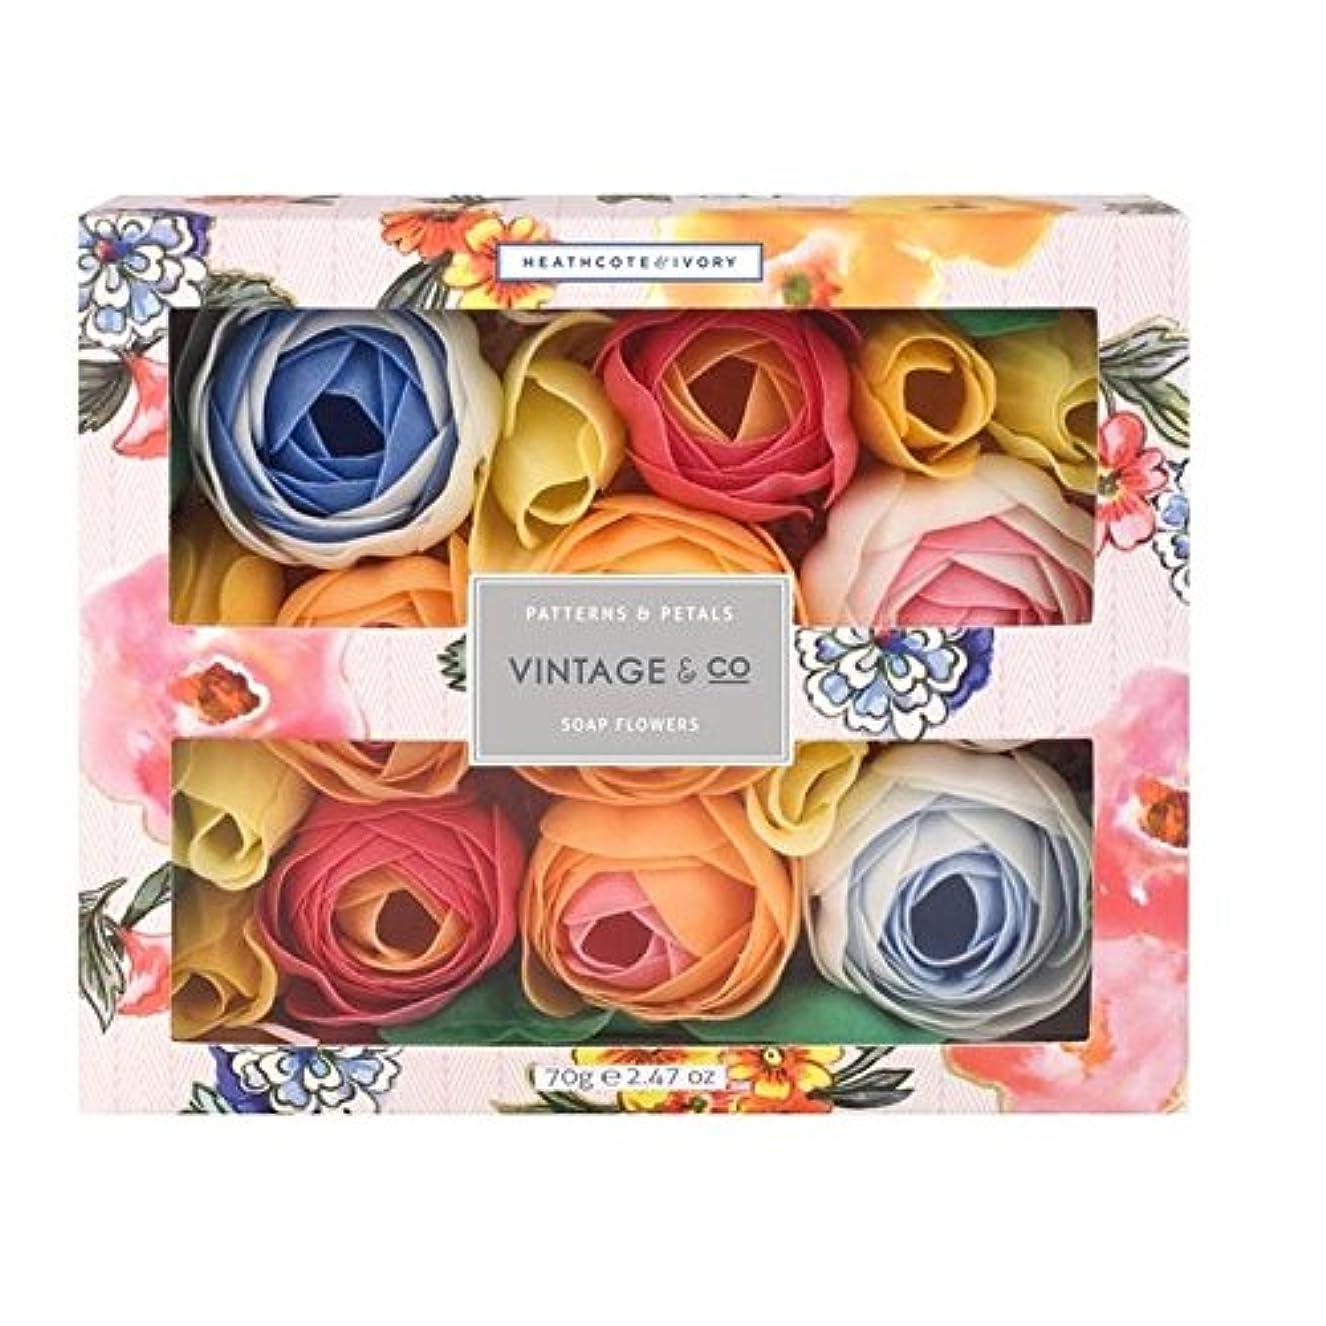 記念品レギュラー仲間、同僚Heathcote & Ivory Patterns & Petals Soap Flowers 70g (Pack of 6) - ヒースコート&アイボリーパターン&花びら石鹸の花70グラム x6 [並行輸入品]